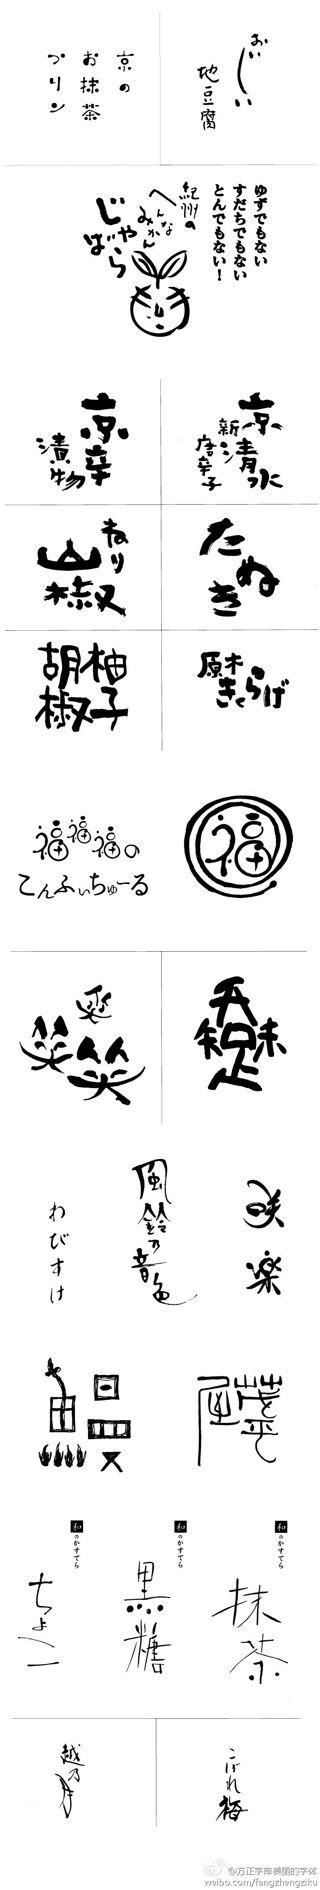 日本字体设计欣赏@北欧家居时光采集到Font(527图)_花瓣平面设计